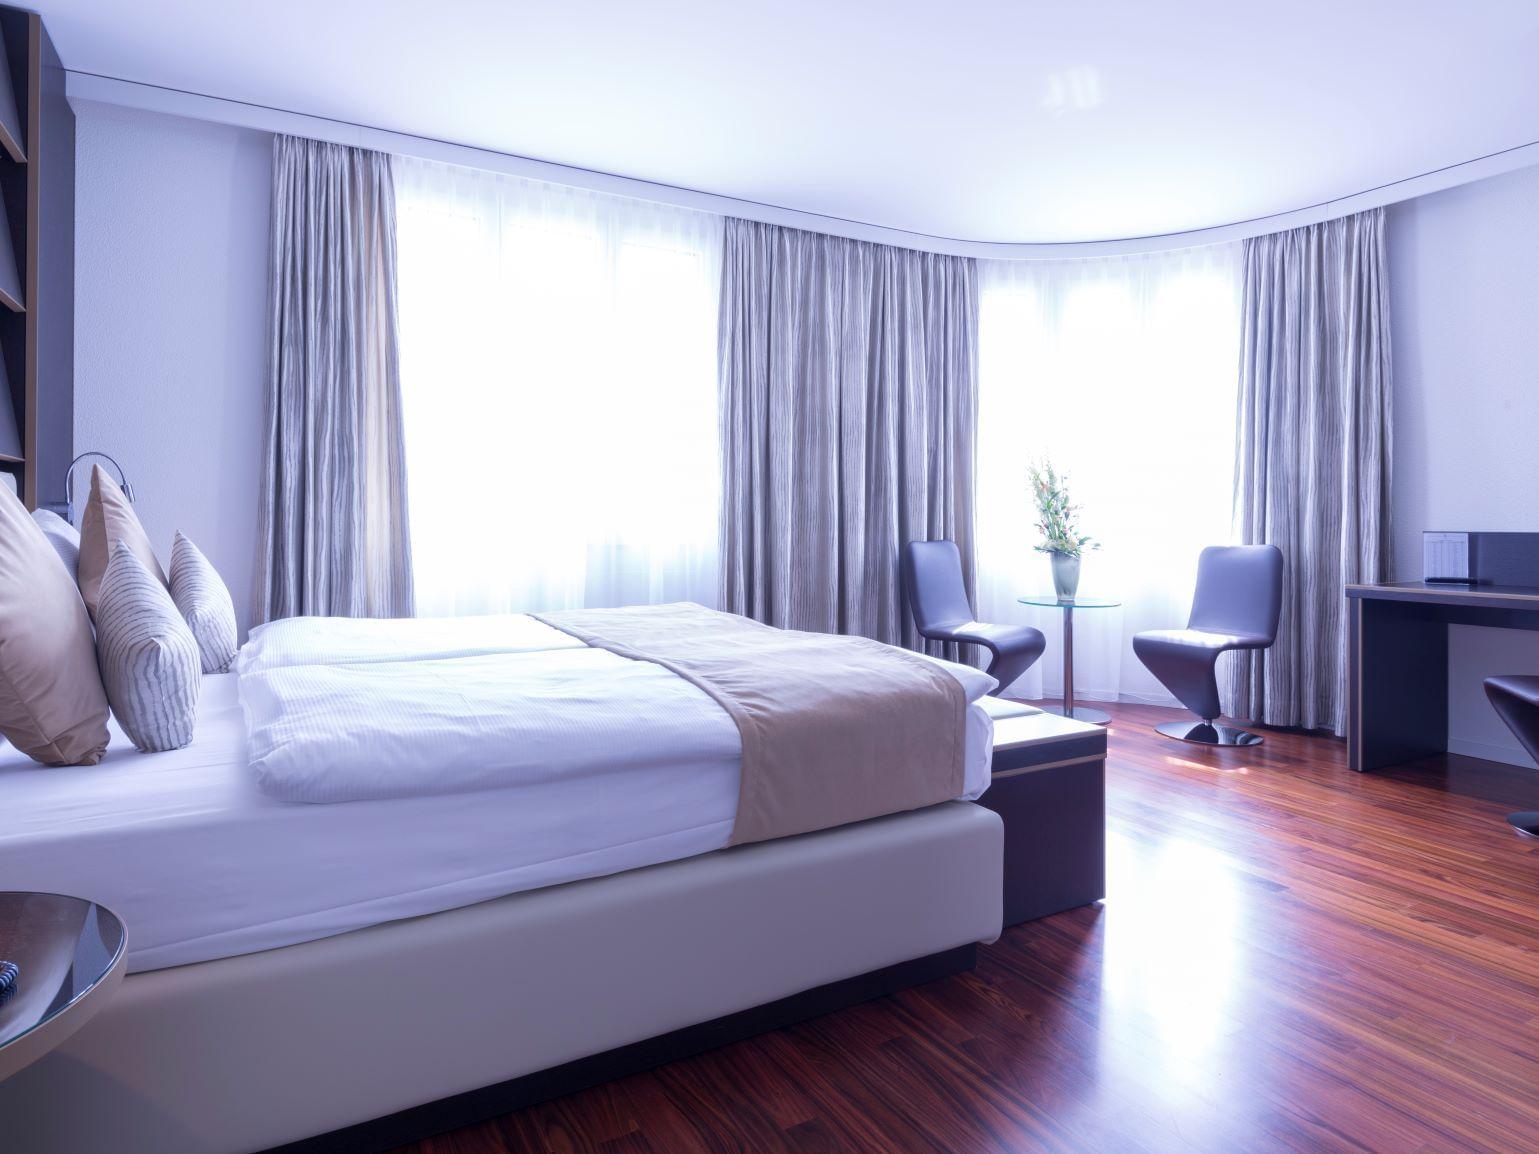 Premium Double Room at Hotel Krone Unterstrass in Zurich